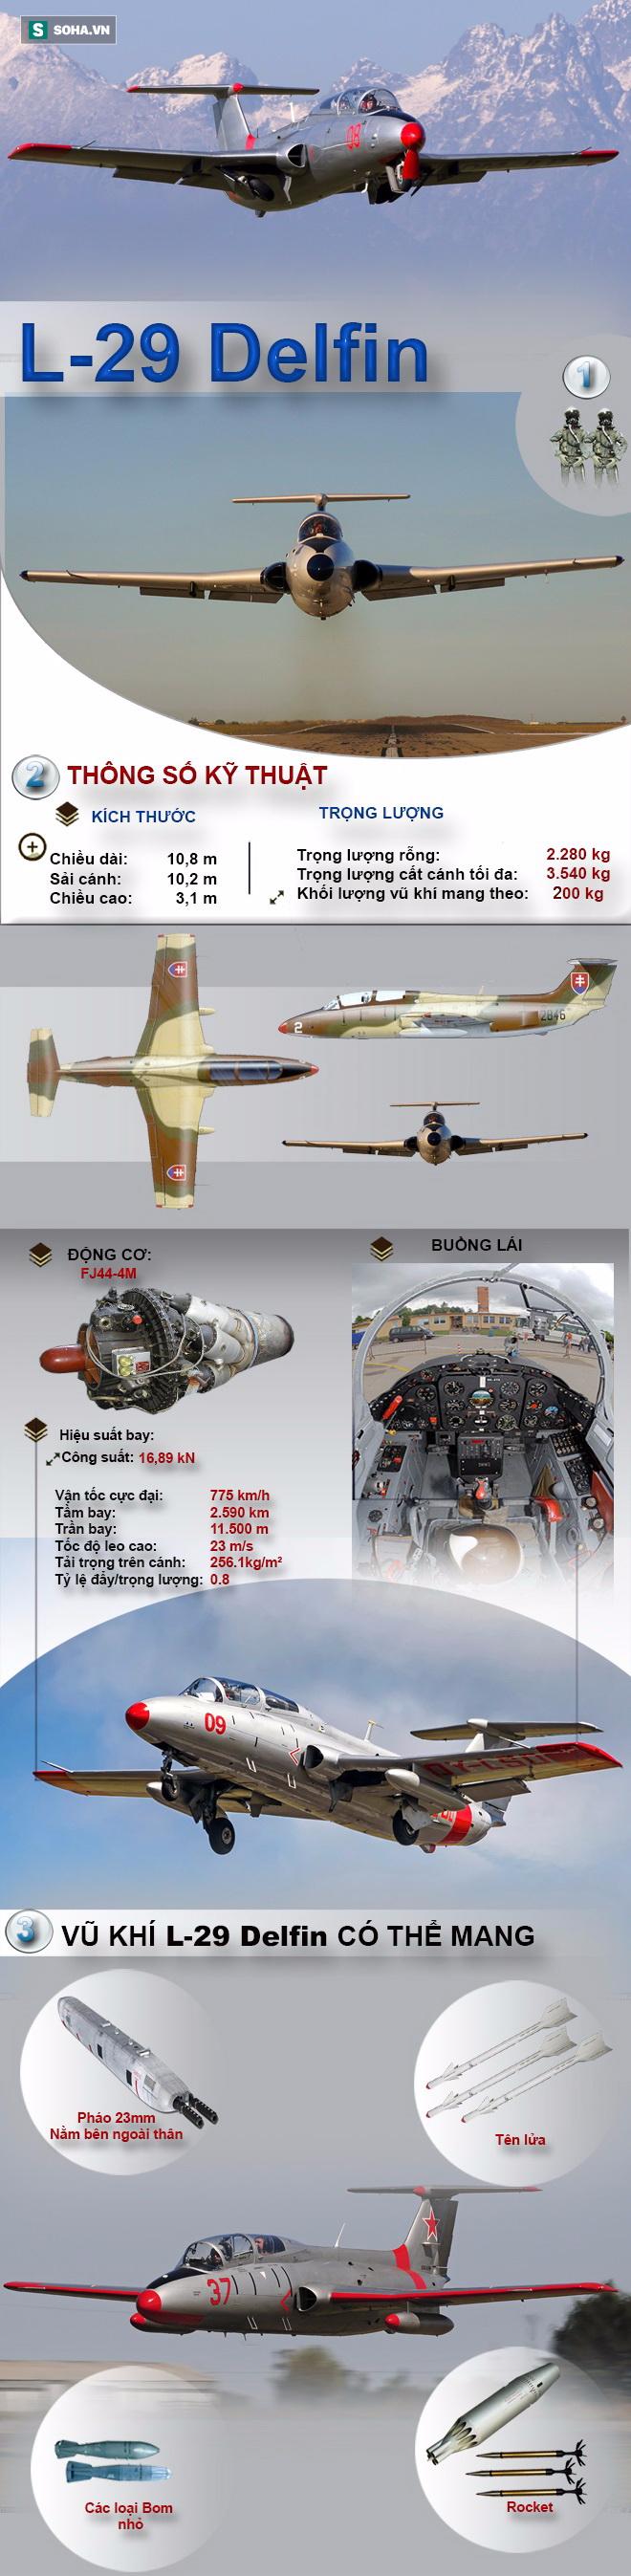 Máy bay huấn luyện-chiến đấu phản lực đầu tiên của Không quân Việt Nam có gì đặc biệt? - Ảnh 1.